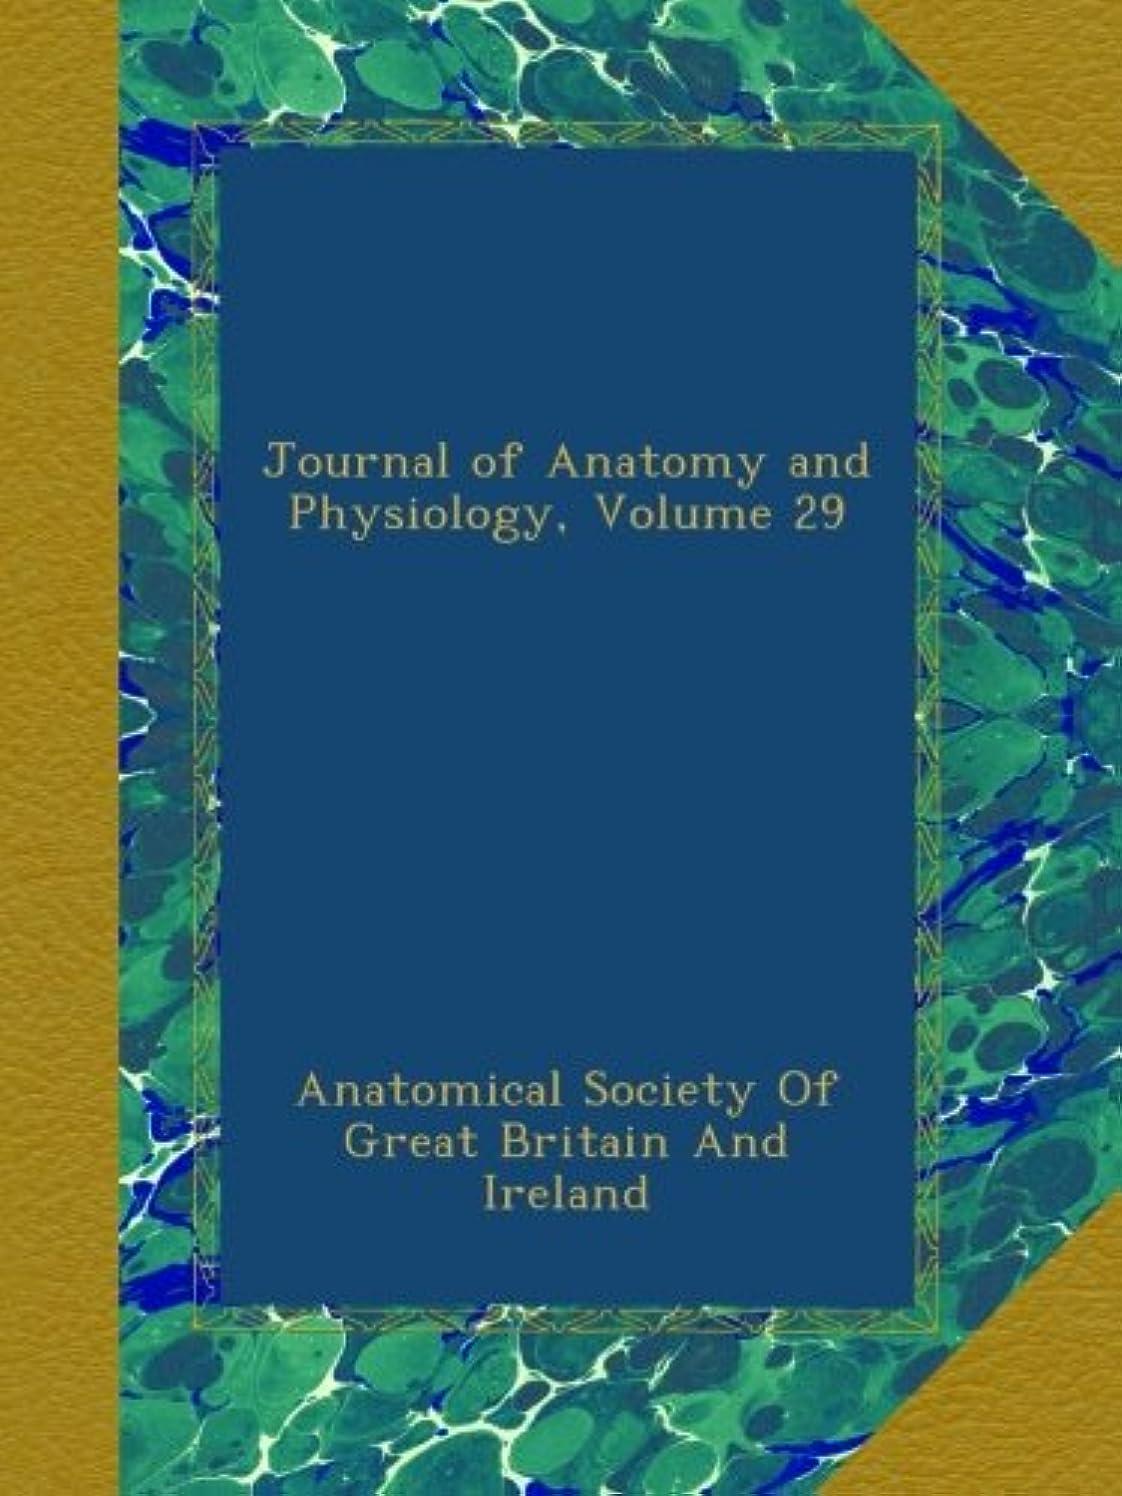 曖昧な電話する反逆者Journal of Anatomy and Physiology, Volume 29